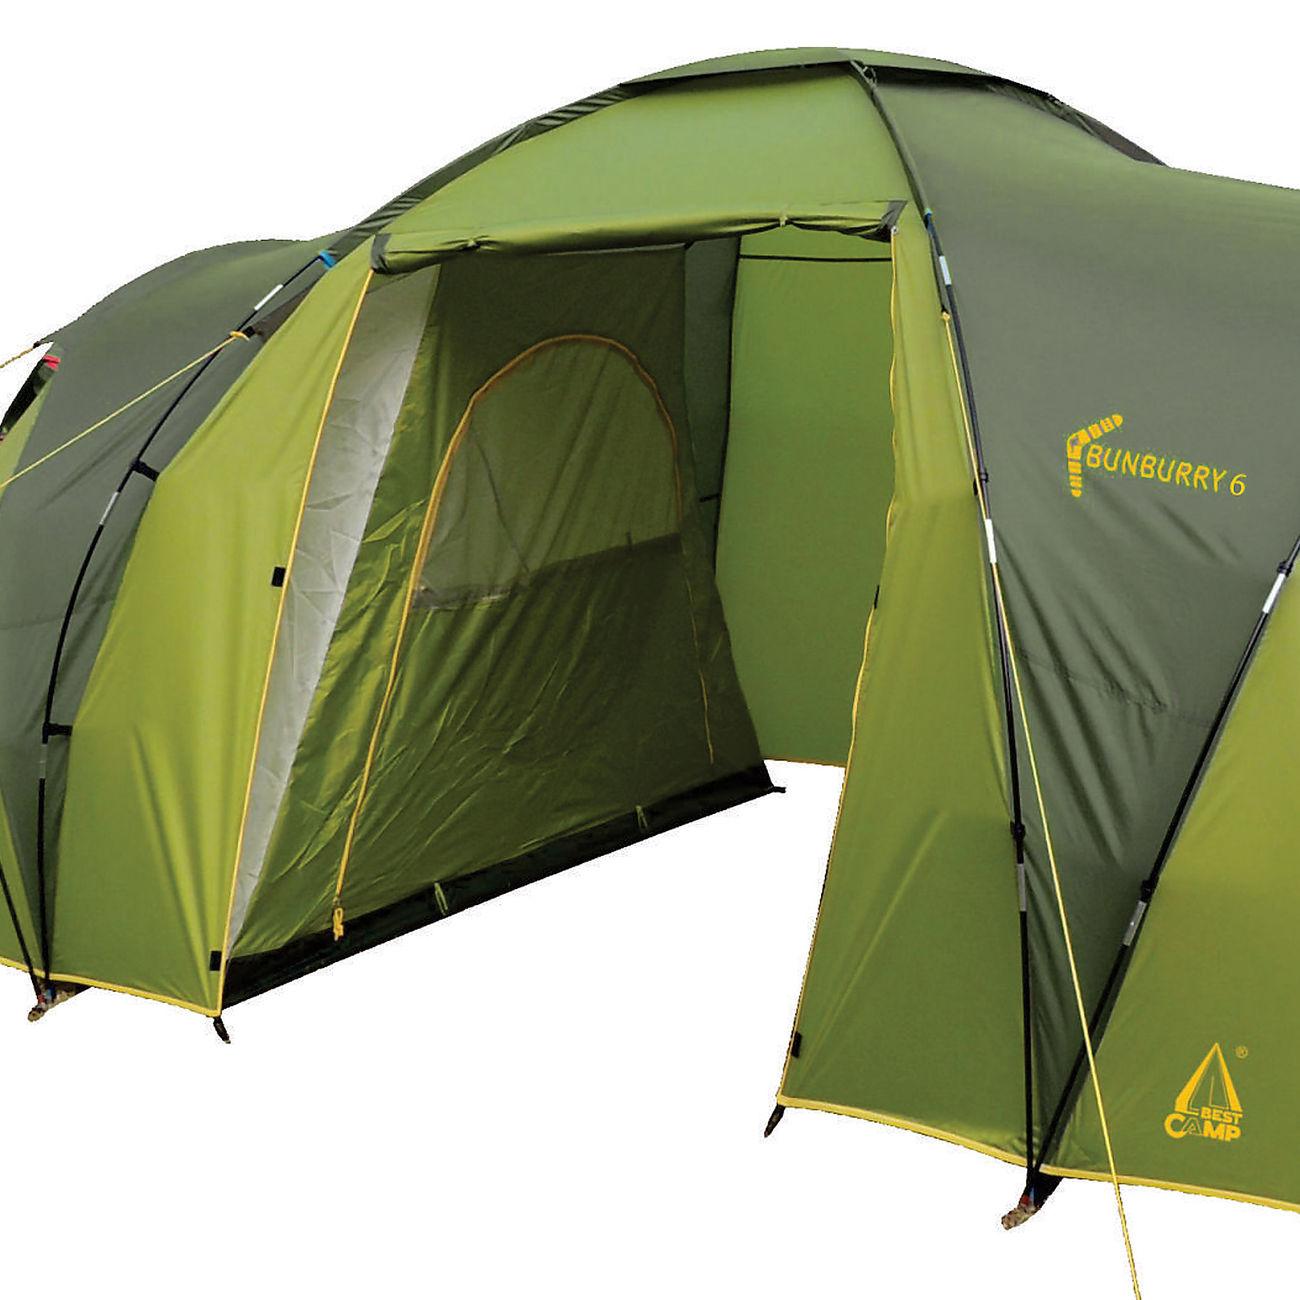 Bunburry 6 Zelt : Best camp familienzelt gruppenzelt bunburry für personen